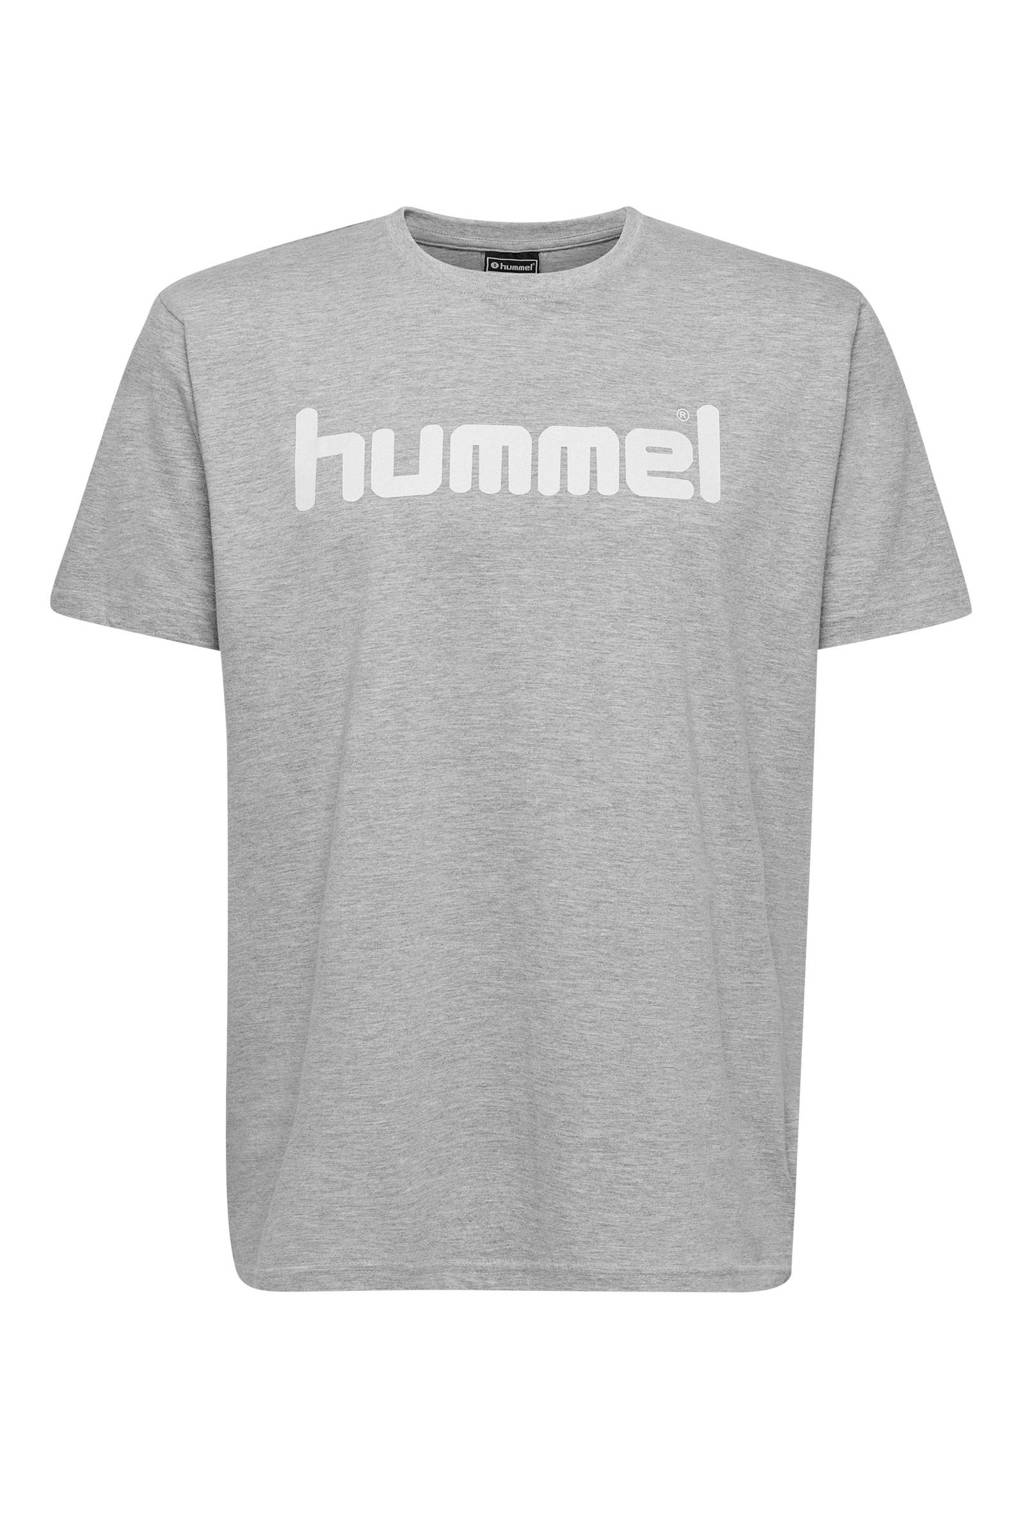 hummel T-shirt grijs melange, Grijs melange